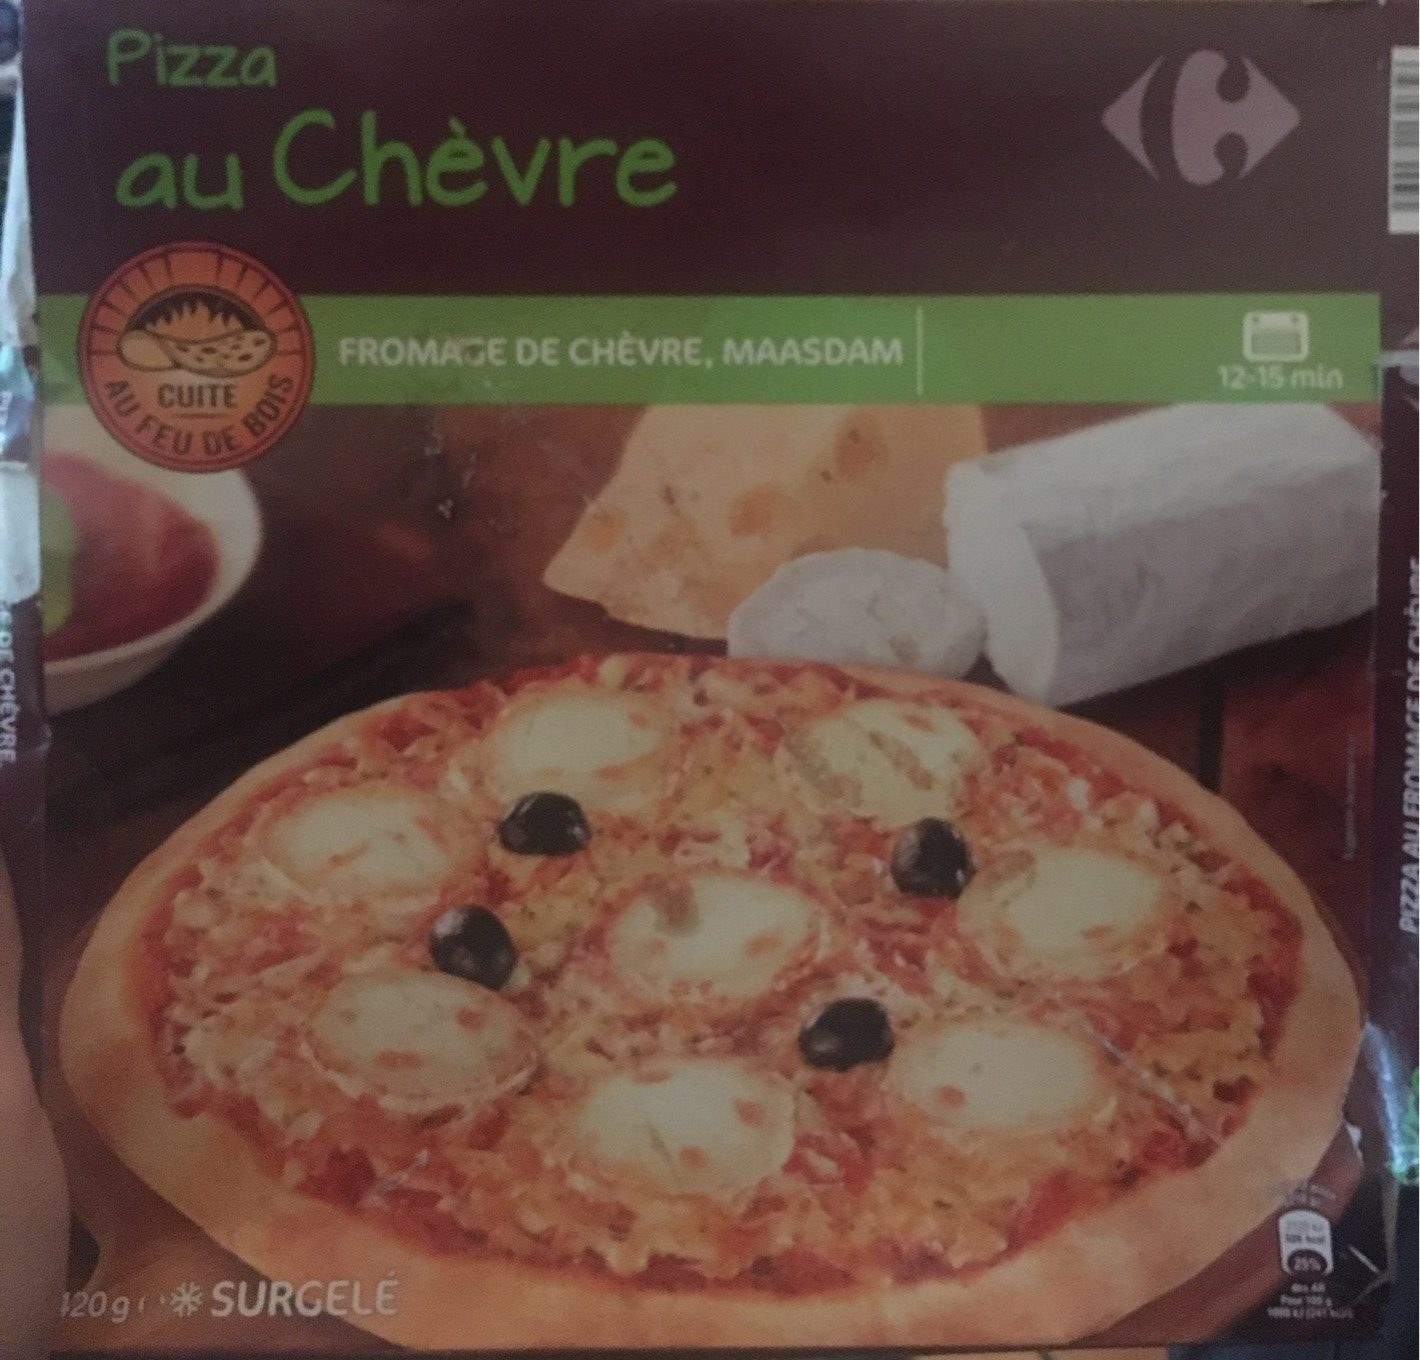 Pizza au chevre cuite au feu de bois - Product - fr